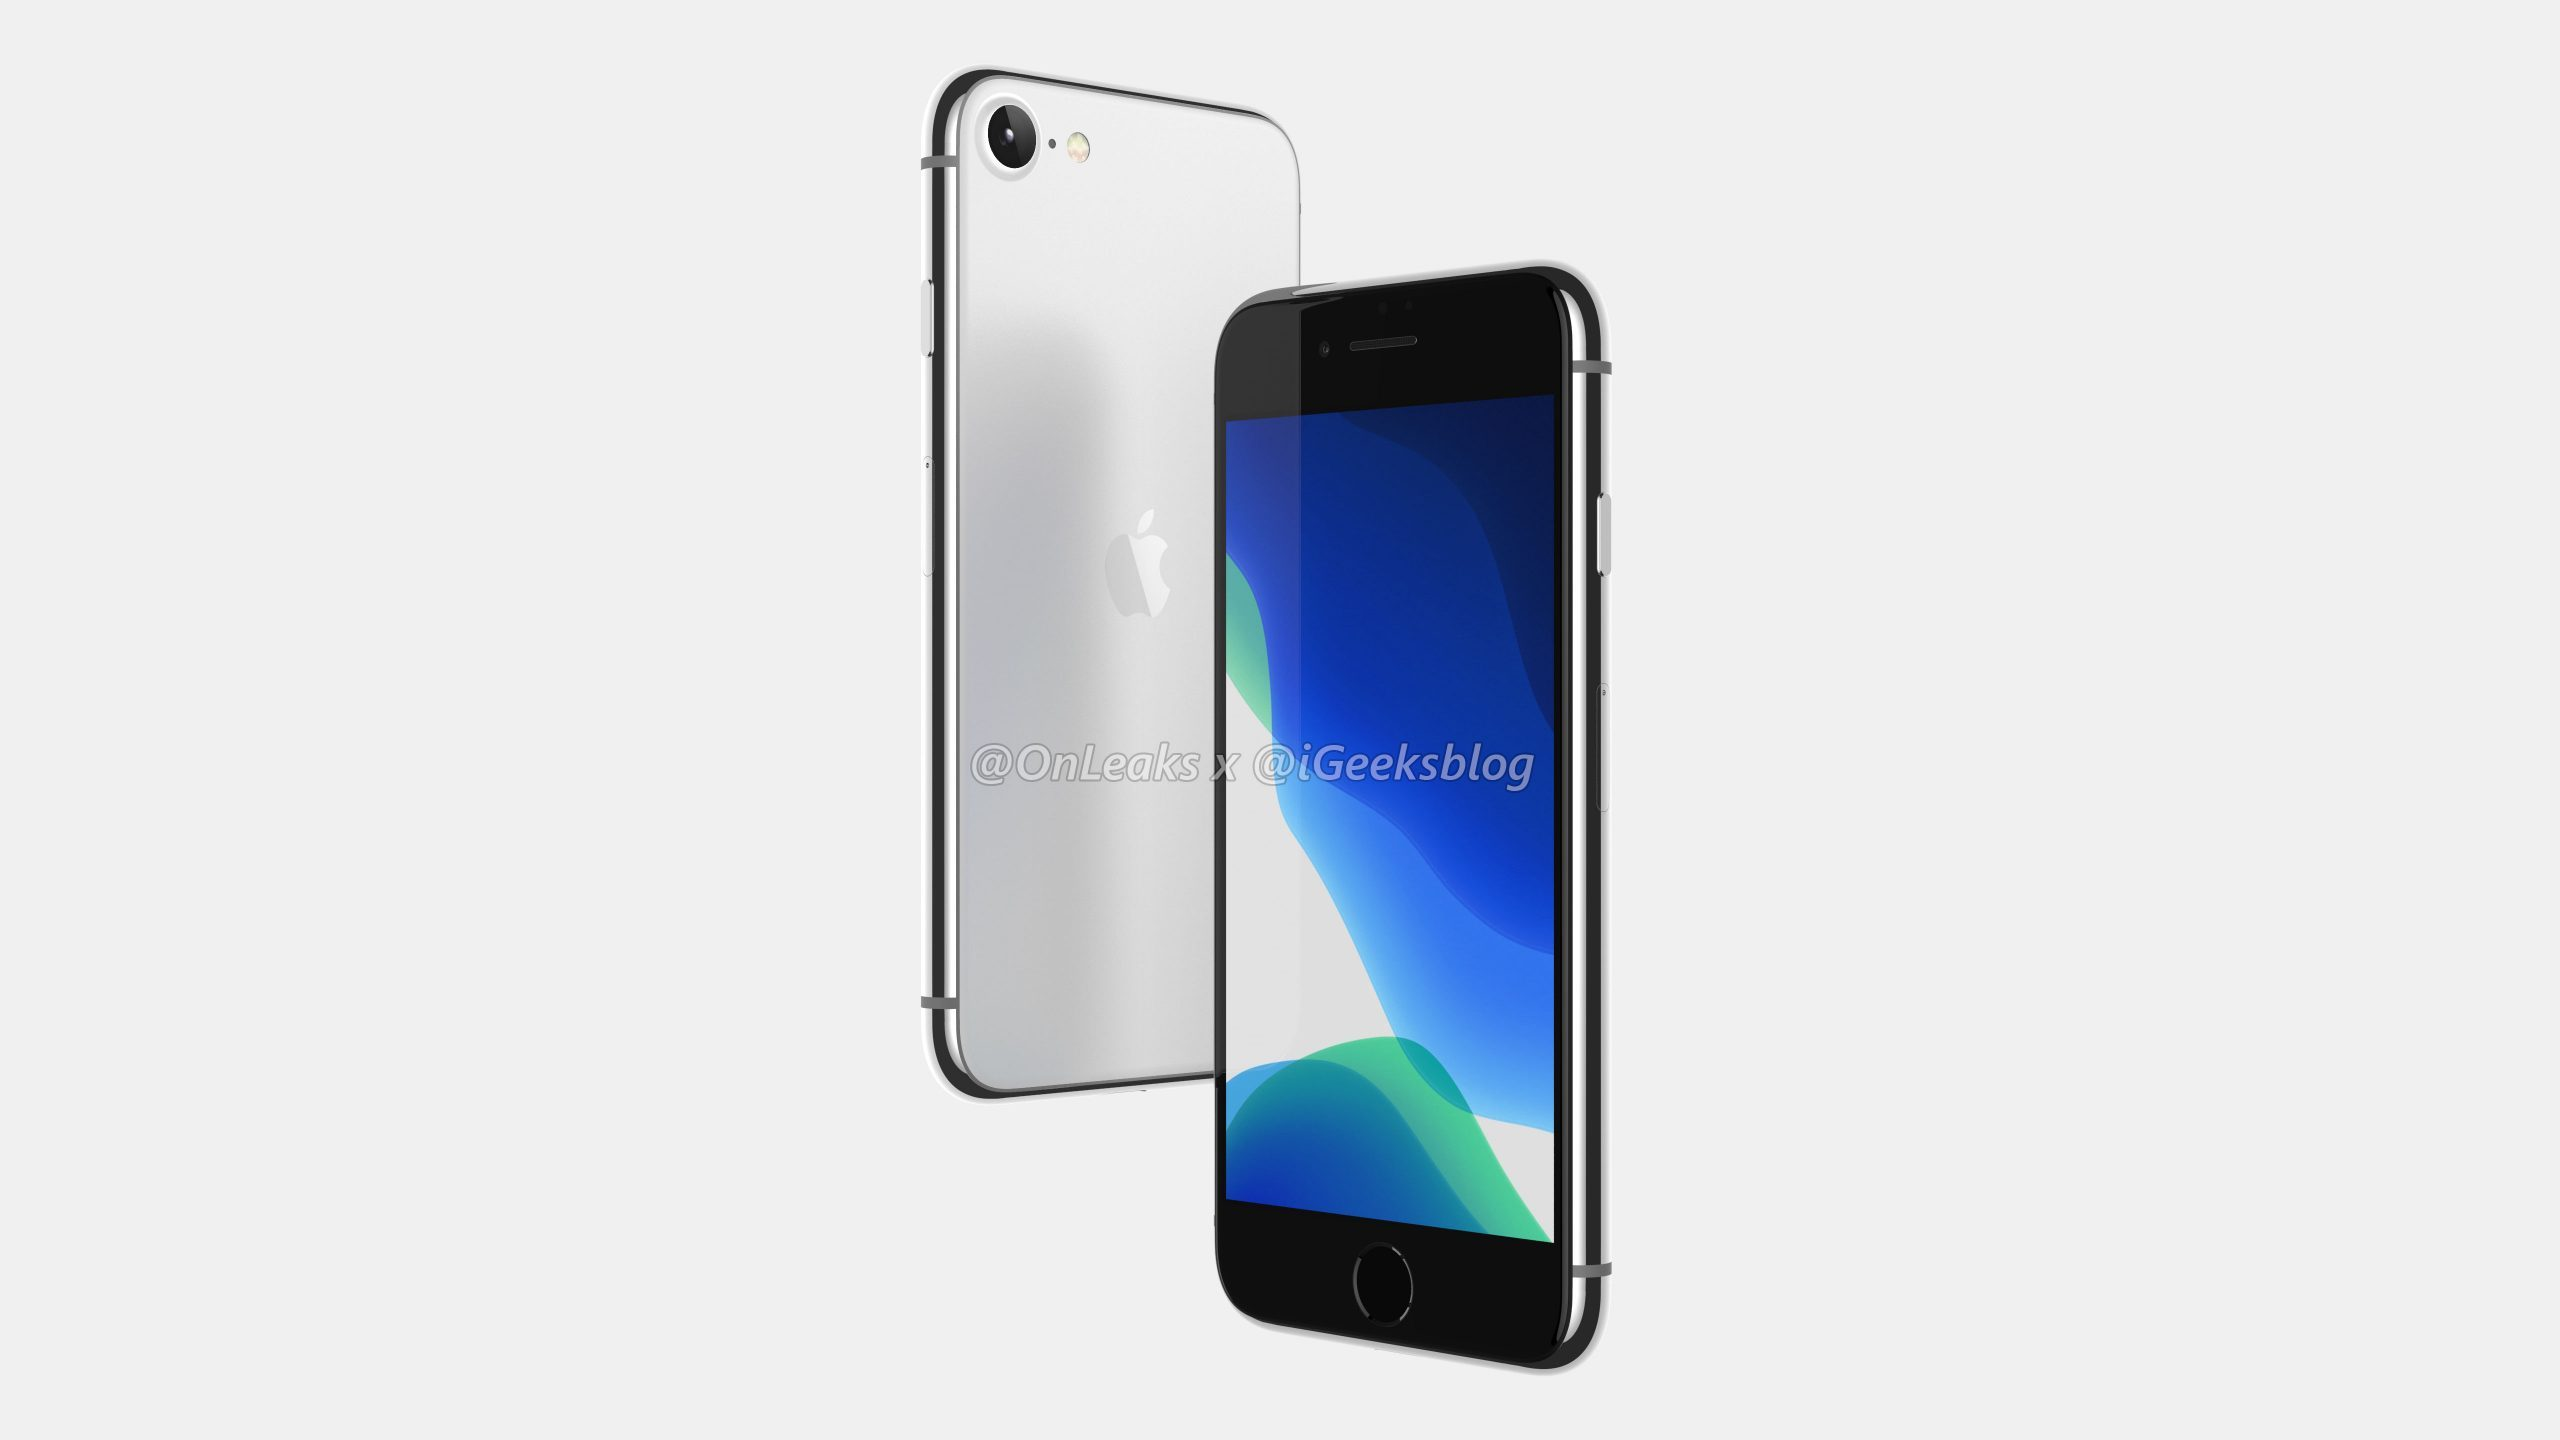 Apple iPhone SE (2020) : design, caractéristiques, date et prix, ce qu'il faut savoir sur l'iPhone bon marché